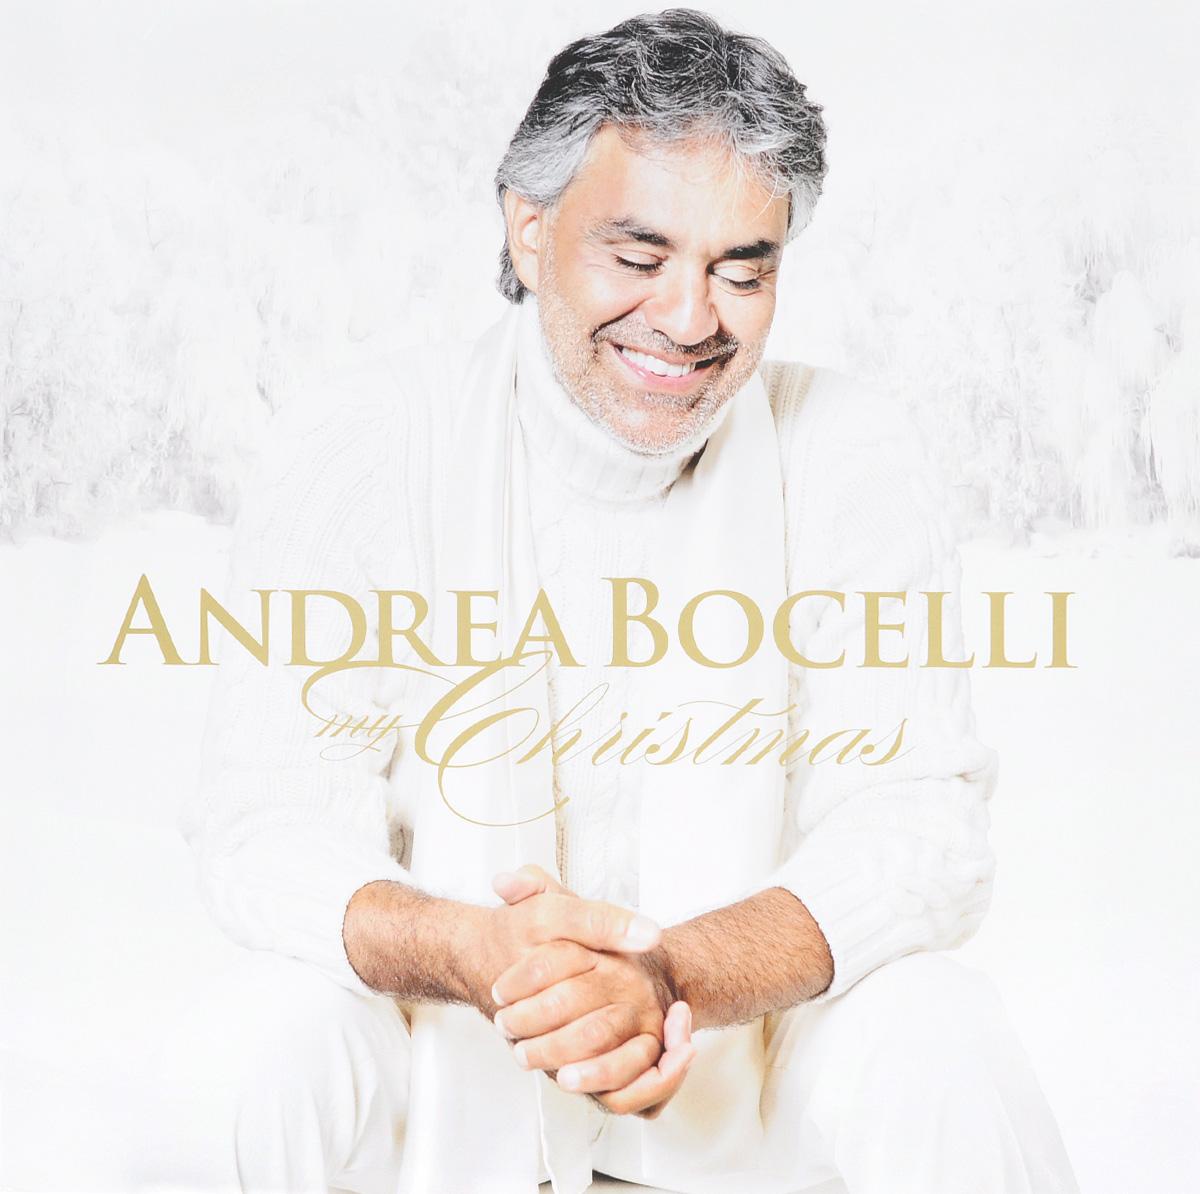 Андреа Бочелли Andrea Bocelli. My Christmas (2 LP) защитная пленка lp универсальная 2 8 матовая